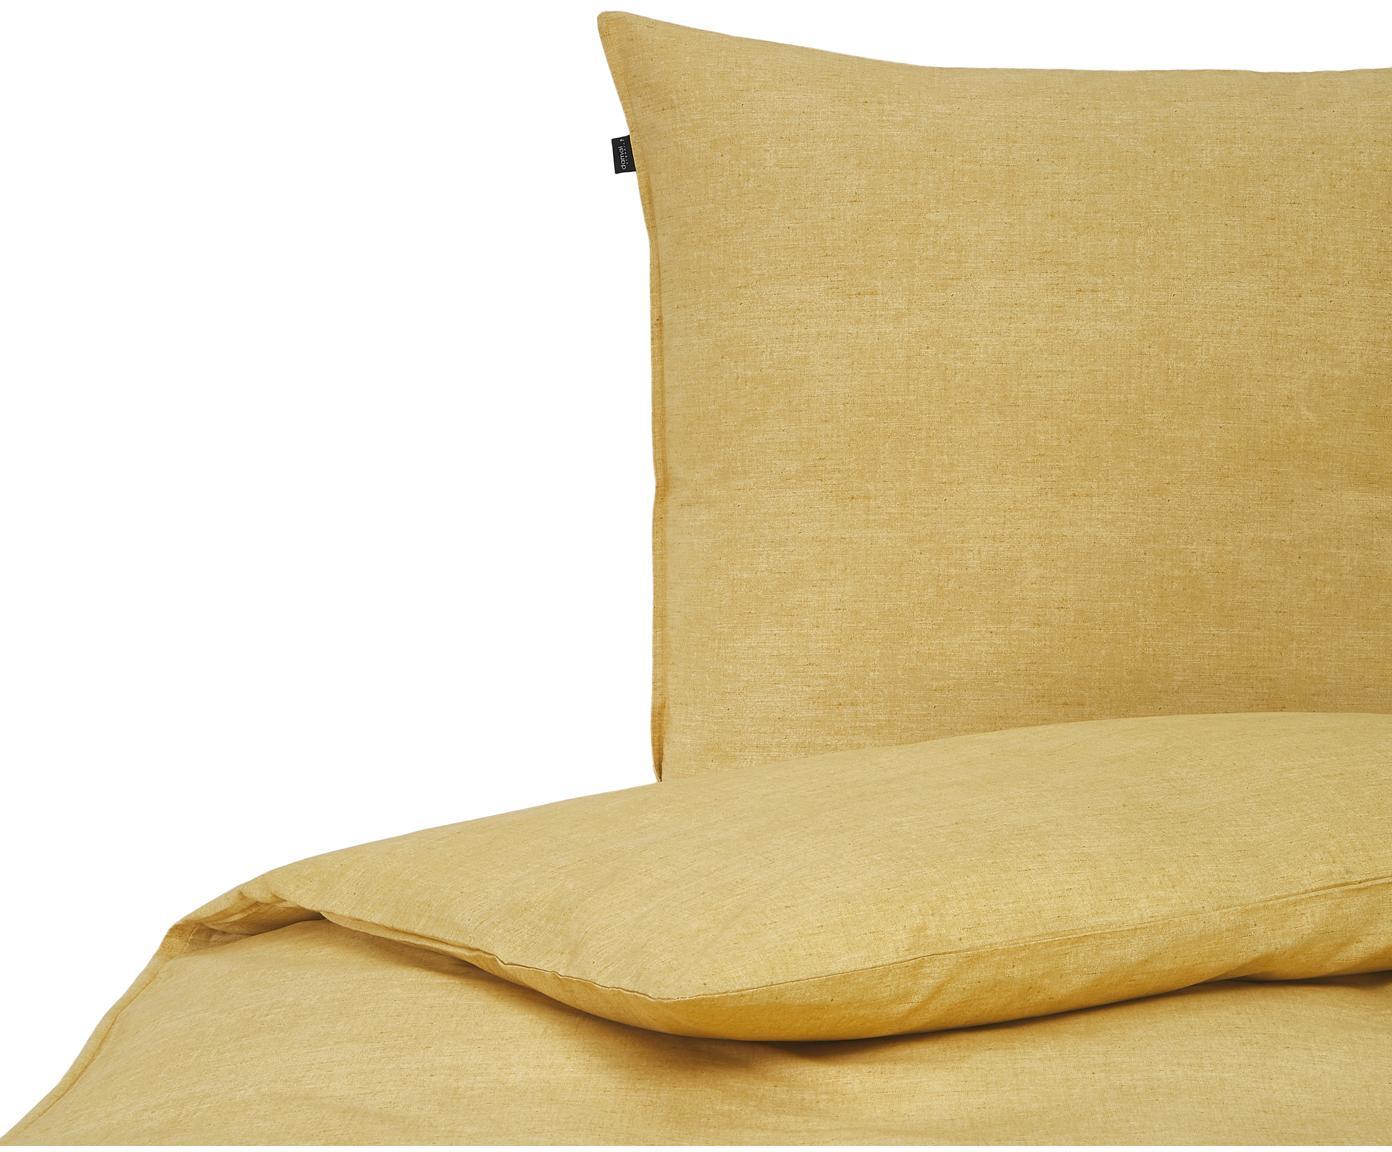 Bettwäsche Raja in Ockergelb aus Bio-Baumwolle, 100% Bio-Baumwolle Bettwäsche aus Baumwolle fühlt sich auf der Haut angenehm weich an, nimmt Feuchtigkeit gut auf und eignet sich für Allergiker., Ockergelb, 135 x 200 cm + 1 Kissen 80 x 80 cm